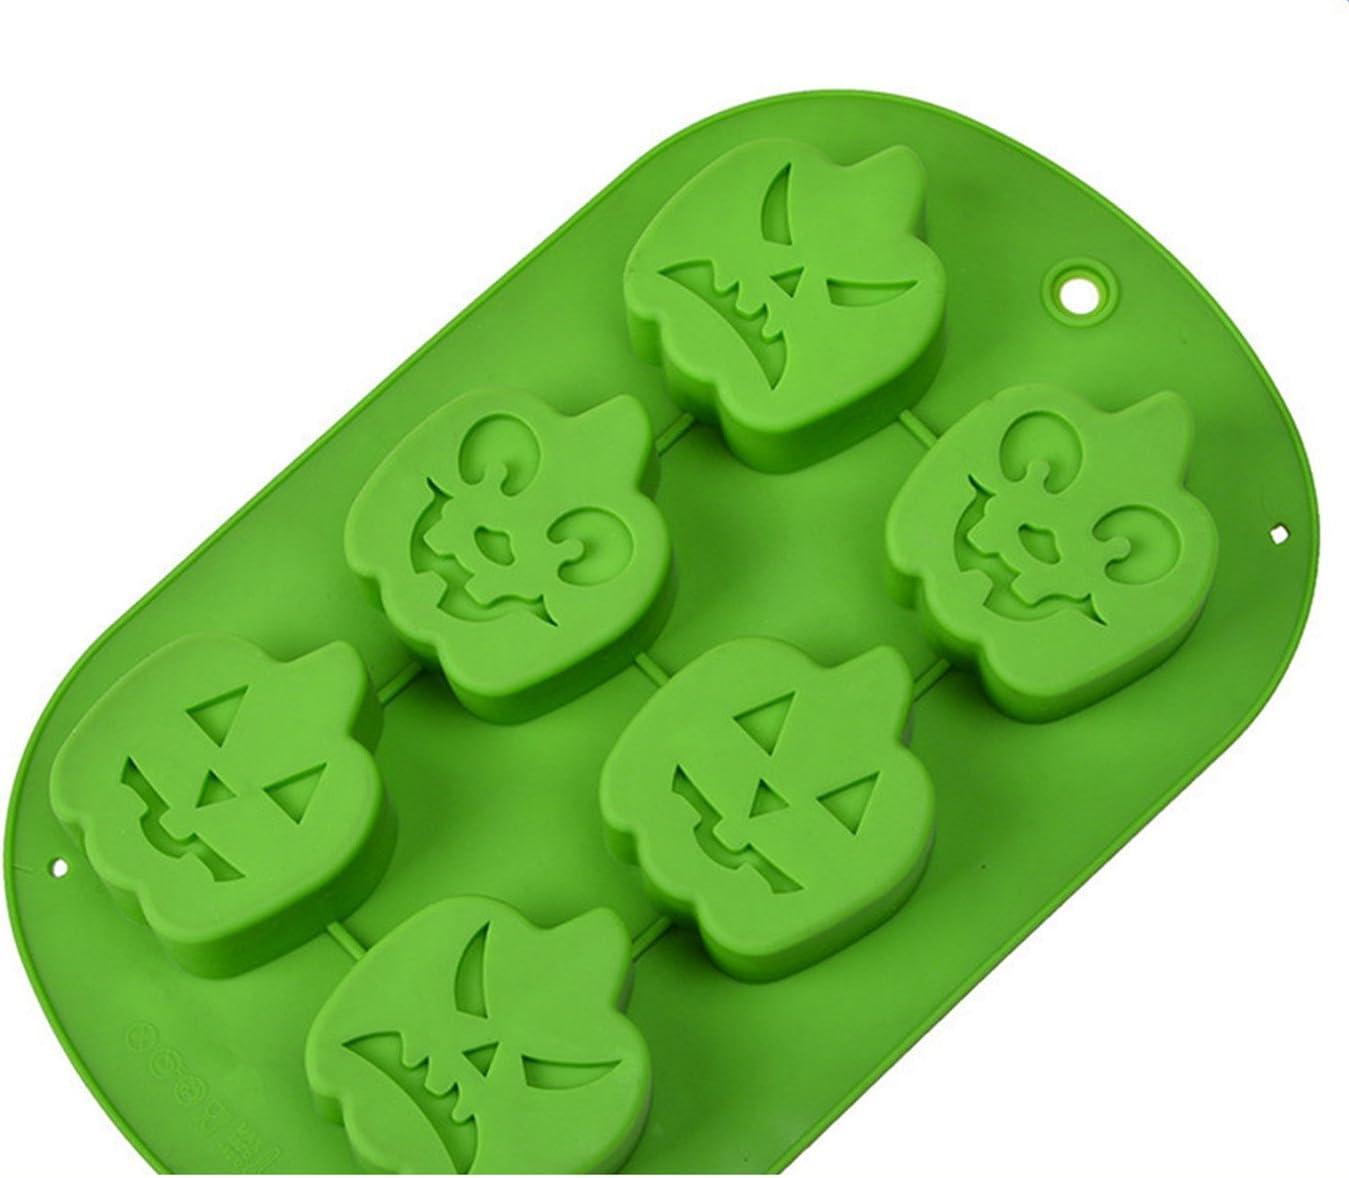 Tarta Set de 2 Jab/ón Moldes de Silicona para Caramelos Galletas Coches de Dibujos Animados Chocolate FantasyDay Premium Antiadherente Moldes para Tartas Hornear Hielo